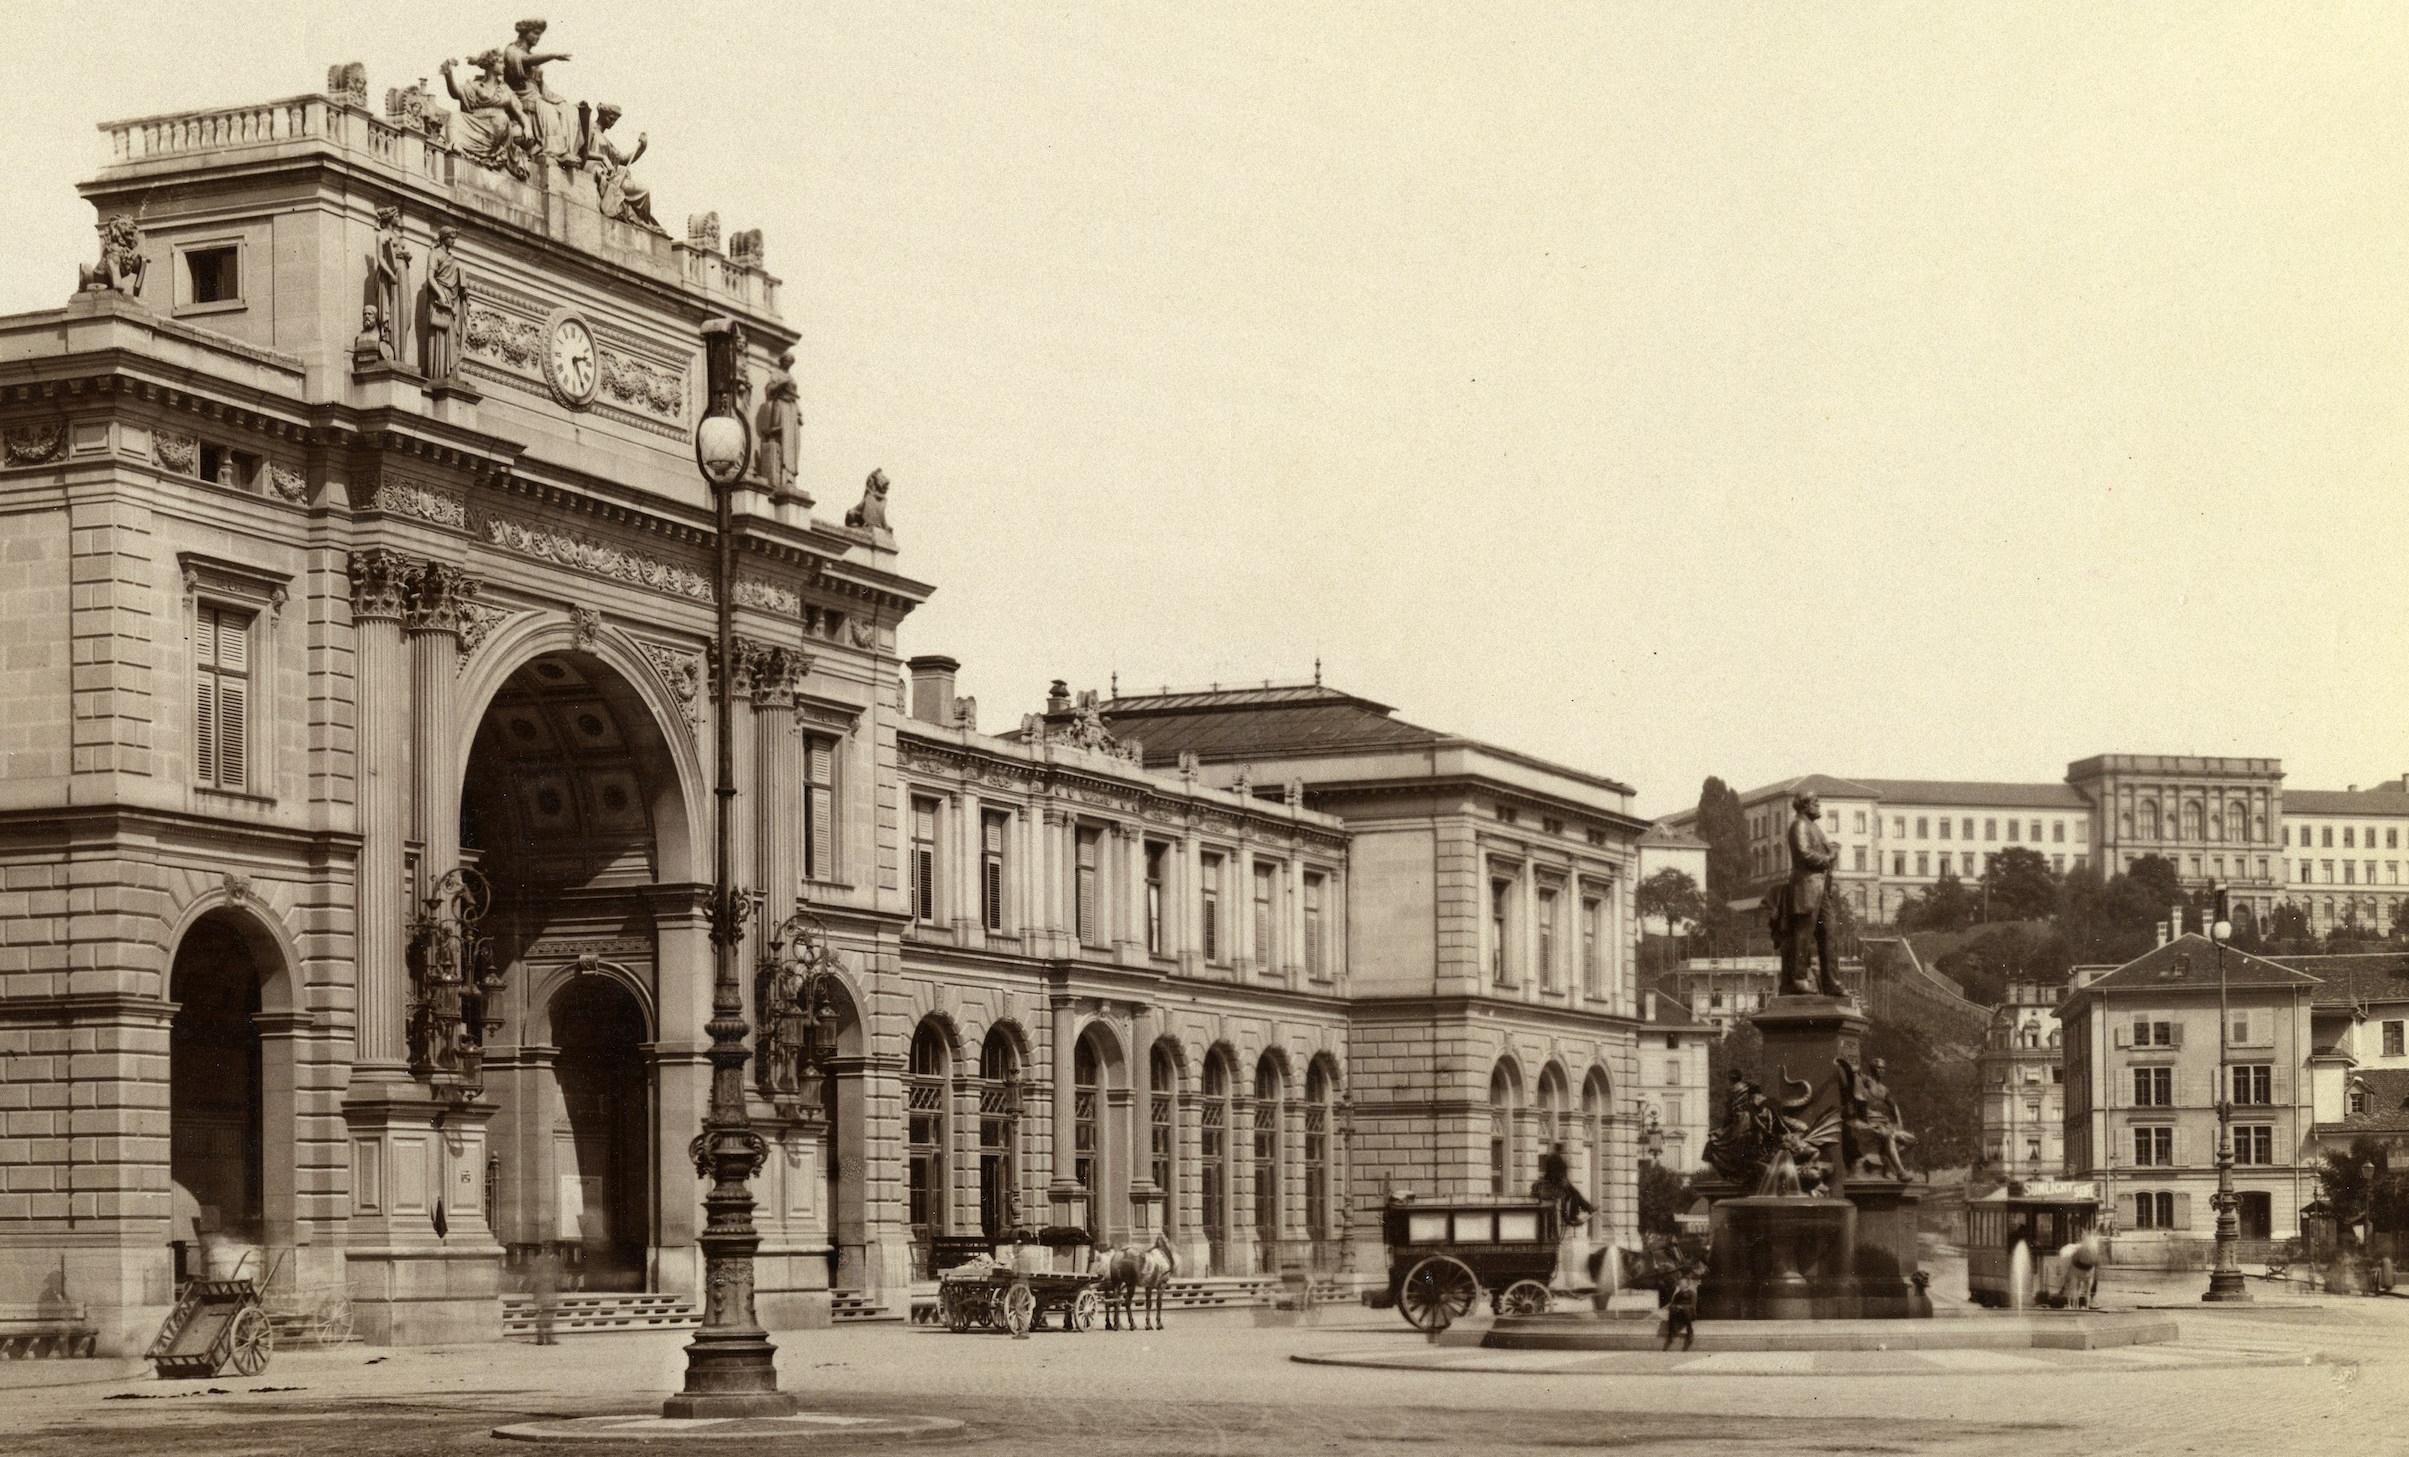 Das Alfred-Escher-Denkmal auf dem Bahnhofplatz vor dem Hauptbahnhof Zürich wurde im Juni 1889 eingeweiht. Das Foto ist um 1890 entstanden. Foto: Baugeschichtliches Archiv Stadt Zürich